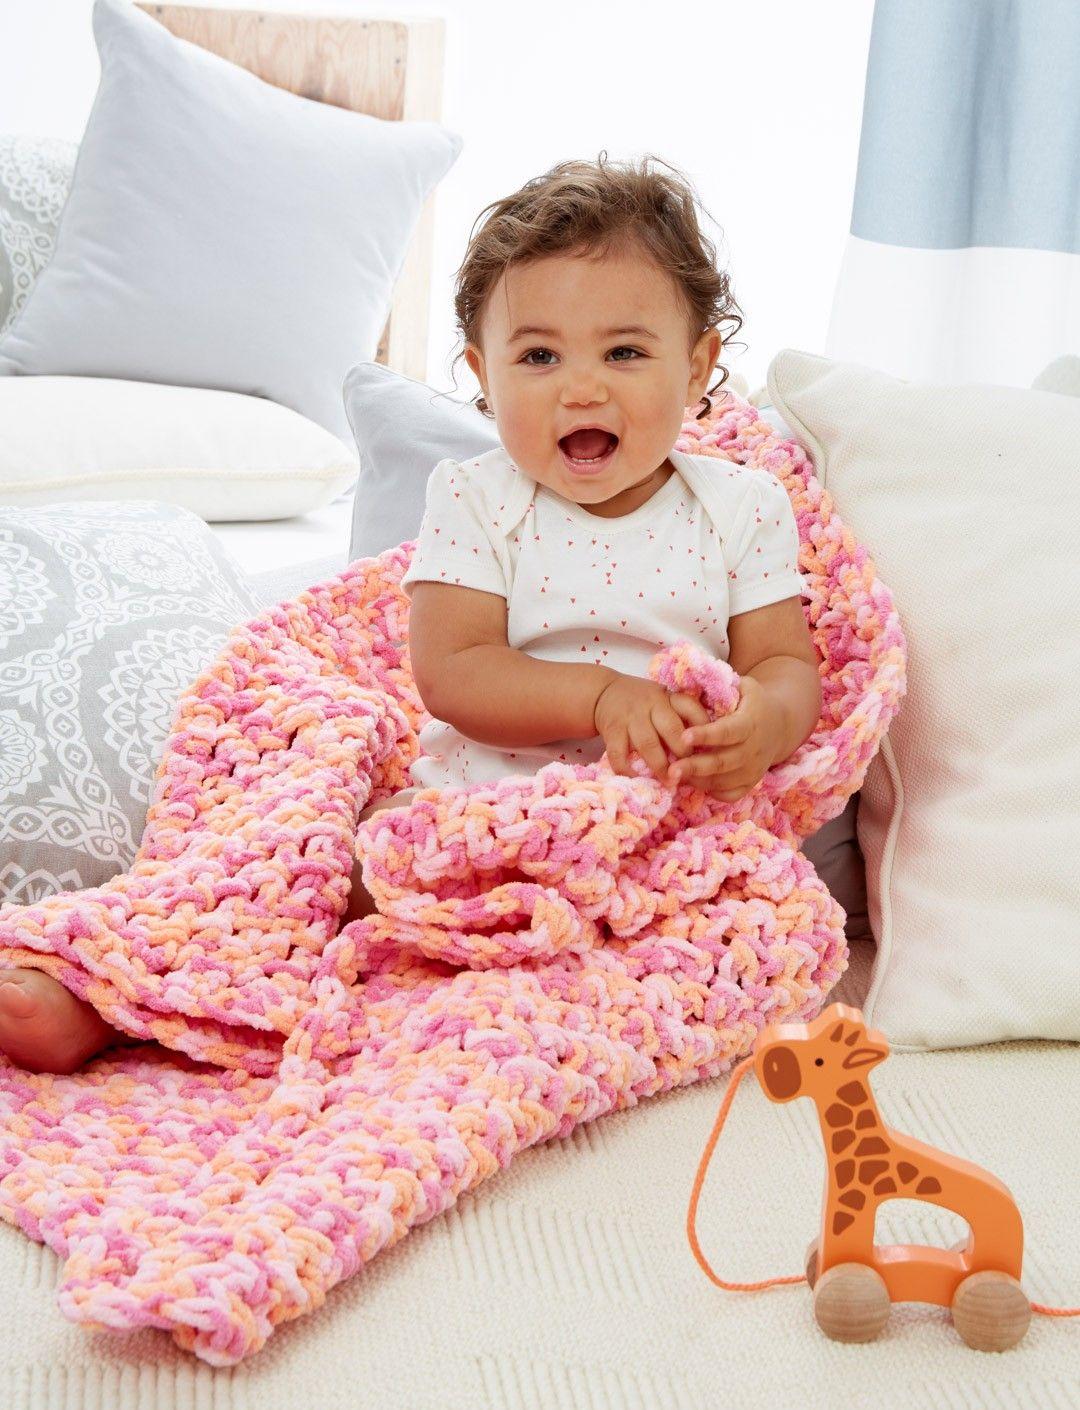 Simple Baby Blanket Patterns Bernat Baby Blanket Yarn Baby Crochet Blanket Free Baby Blanket Crochet